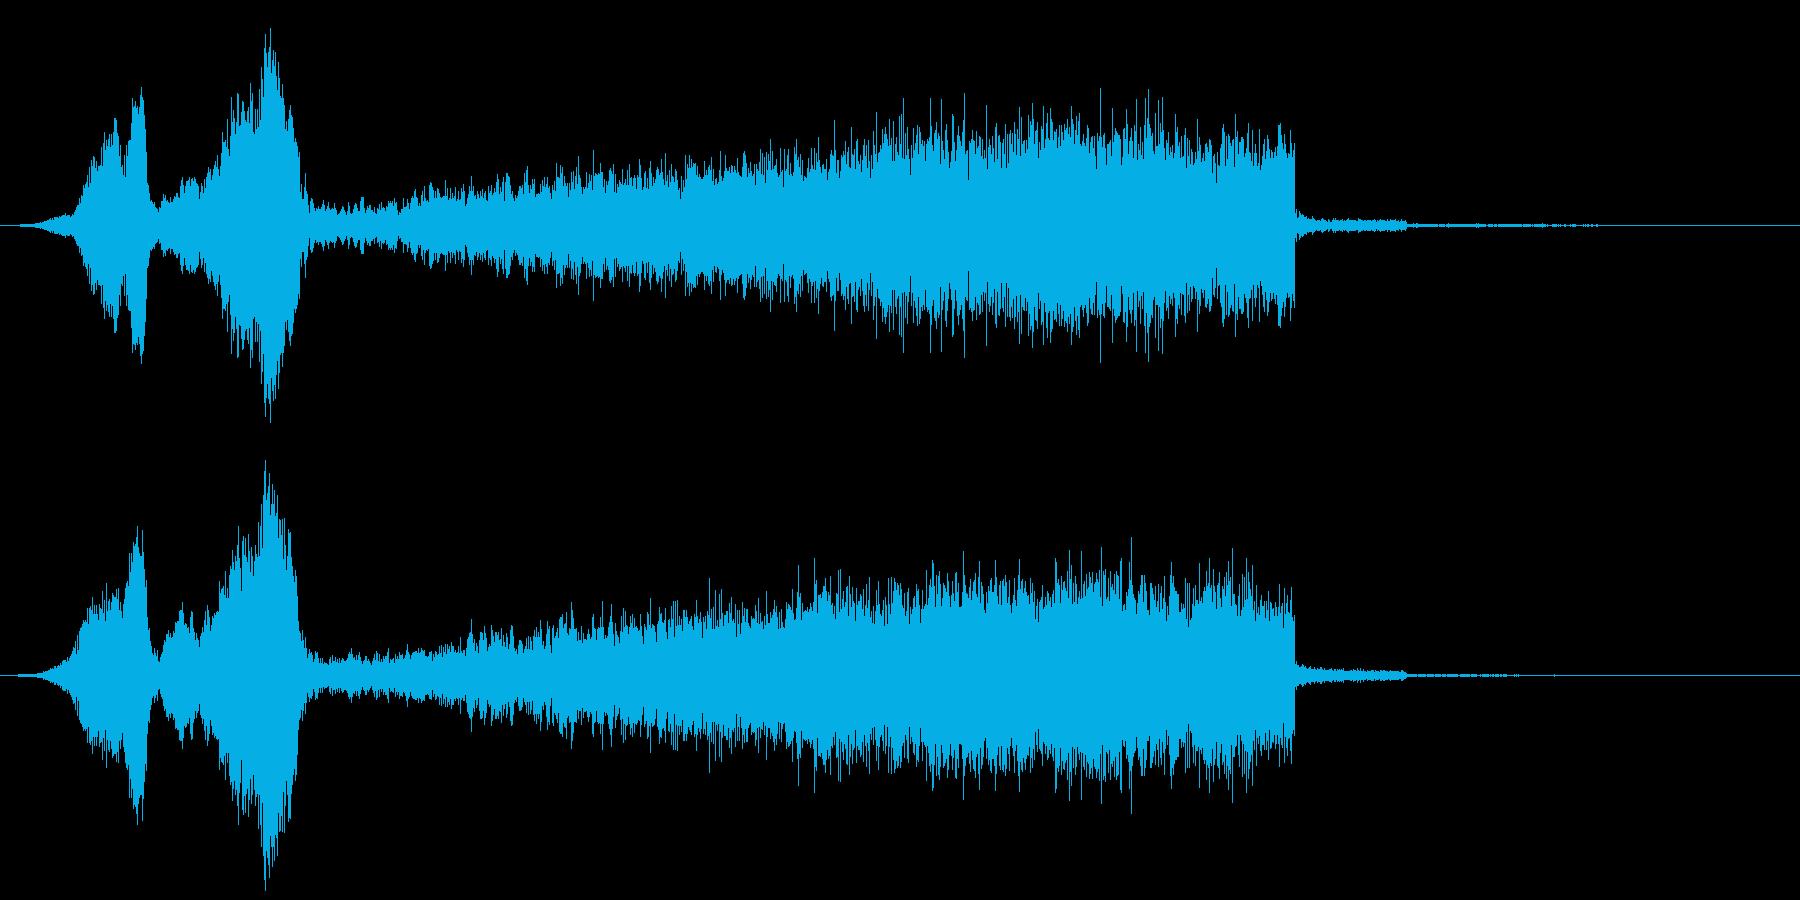 【映画・シネマティック】ライザー_05の再生済みの波形